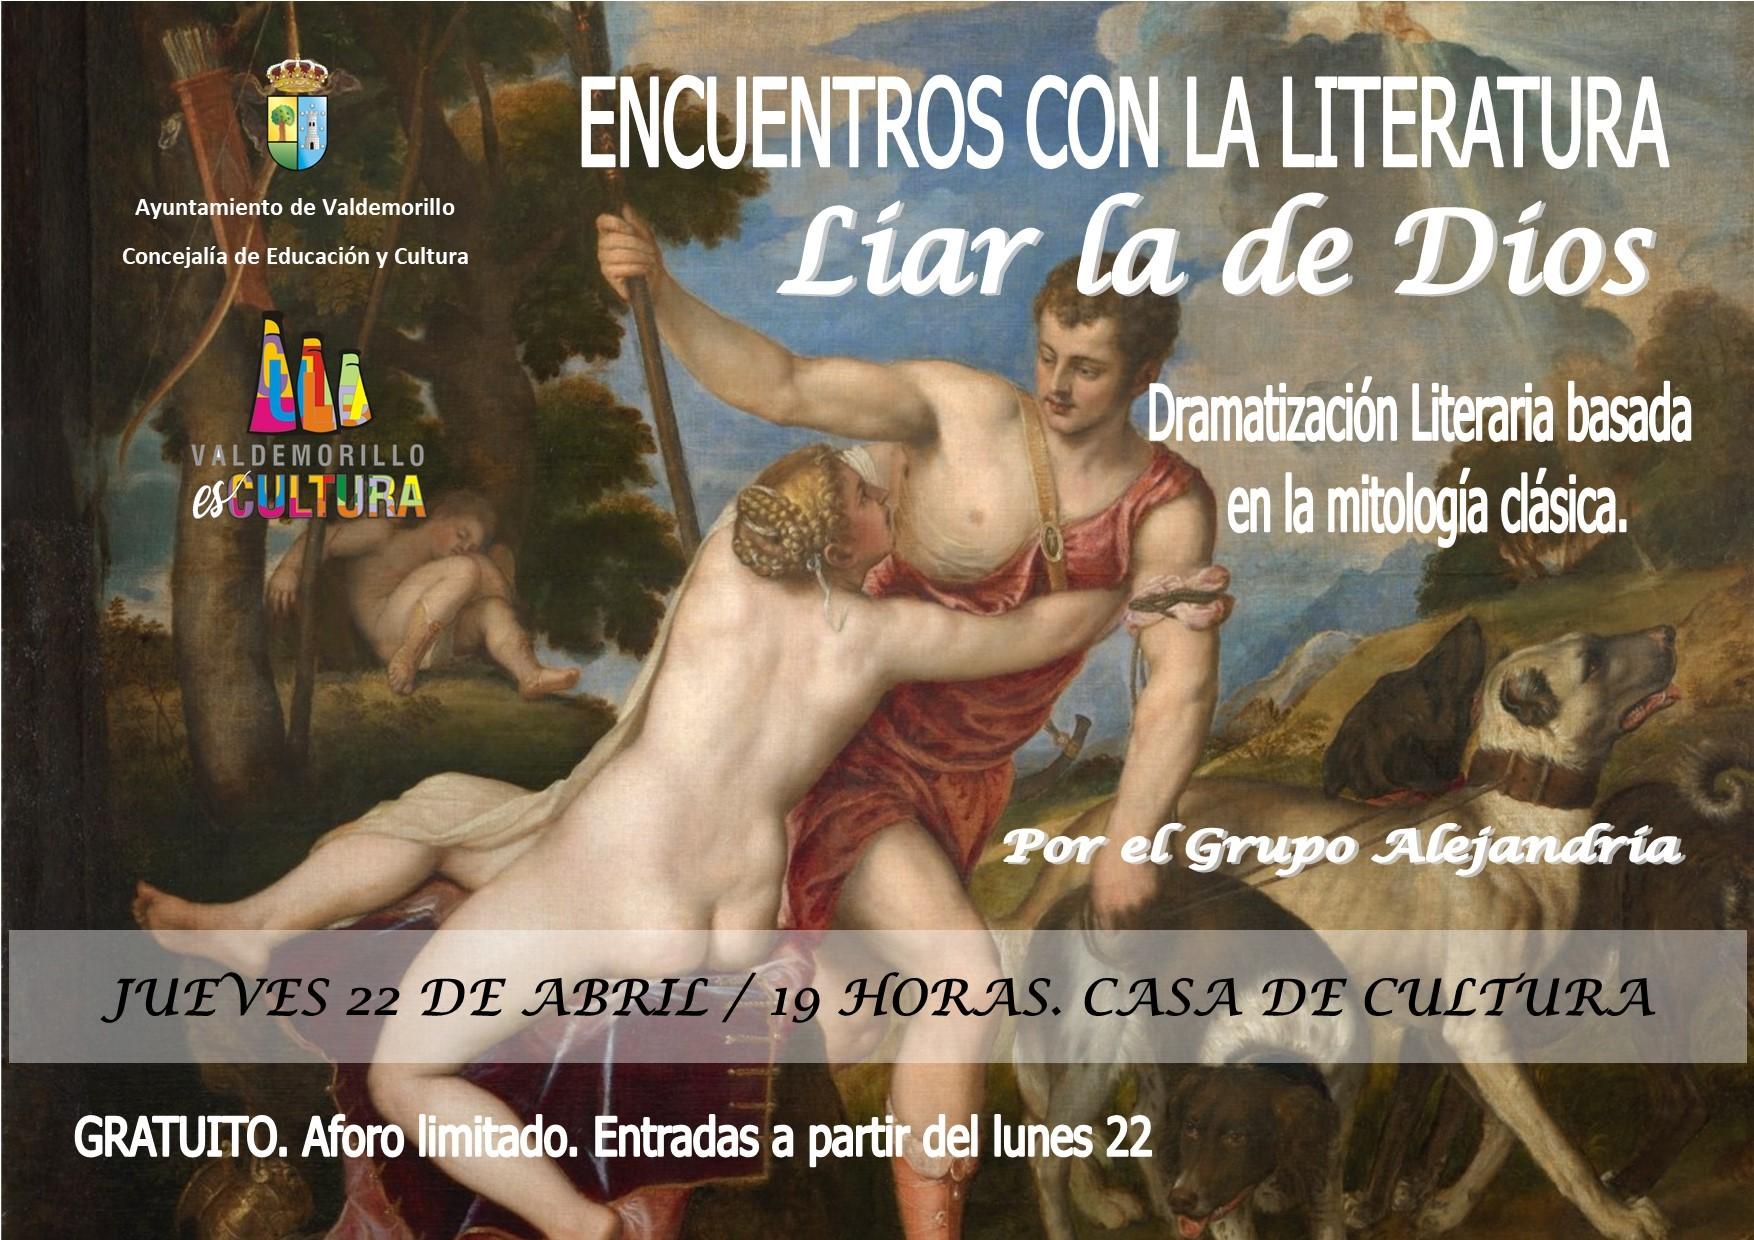 Este jueves, en la Casa de Cultura se va a 'Liar la de Dios' con la lectura dramatizada que abre programa especial en torno al Día del Libro